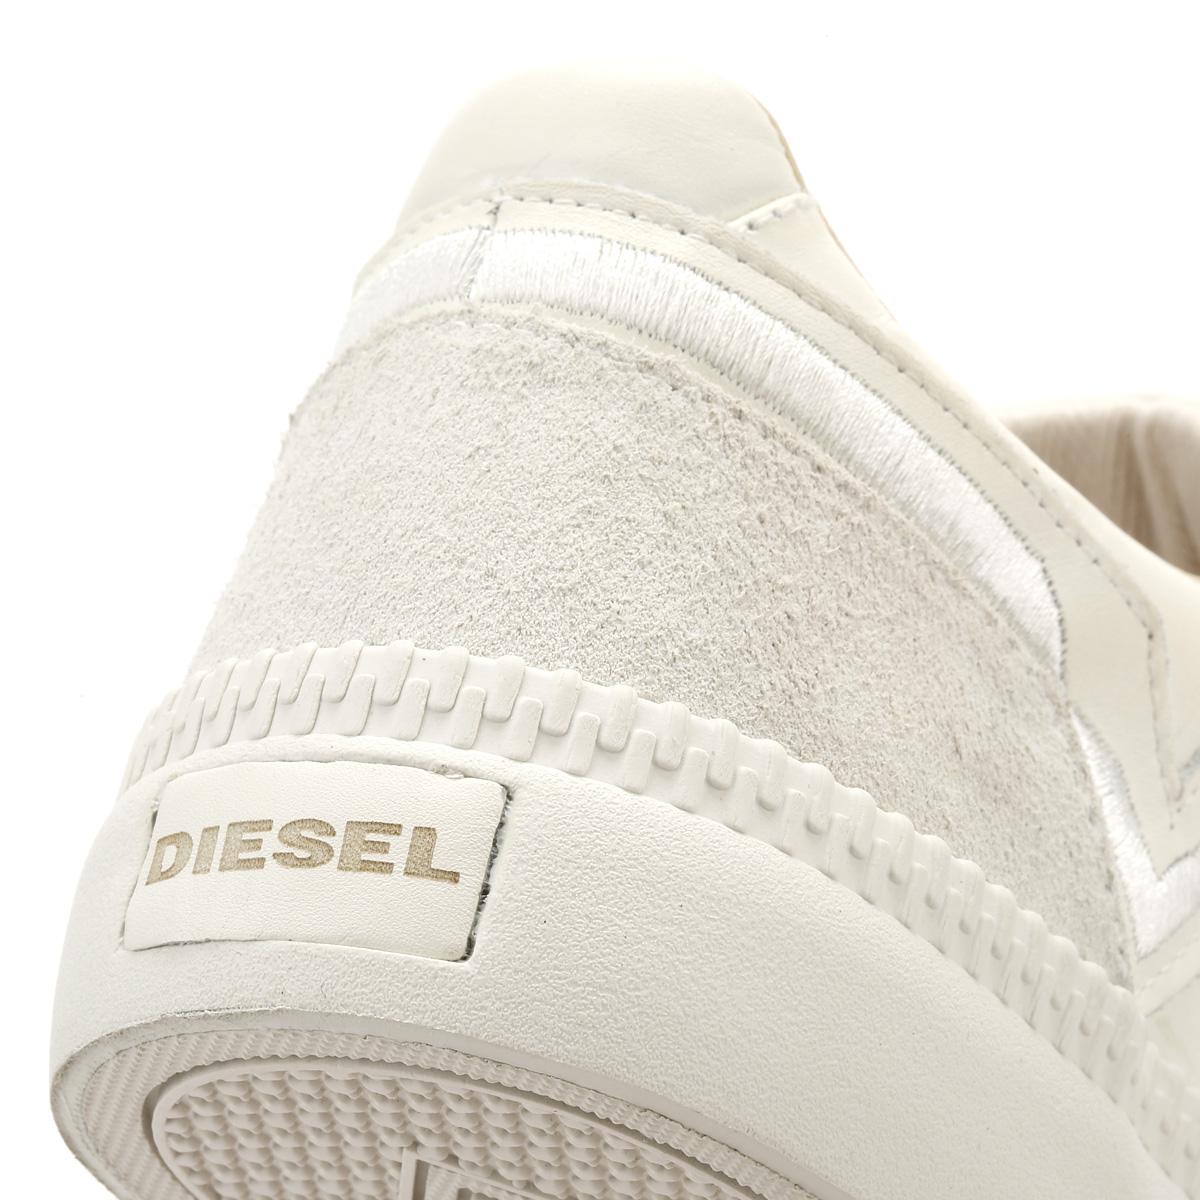 Da Diesel Uomo Bianco Ghiaccio Diesel Da S-Spaark Basso Scarpe Da Ginnastica Con Lacci Sport Scarpe Casual 833244